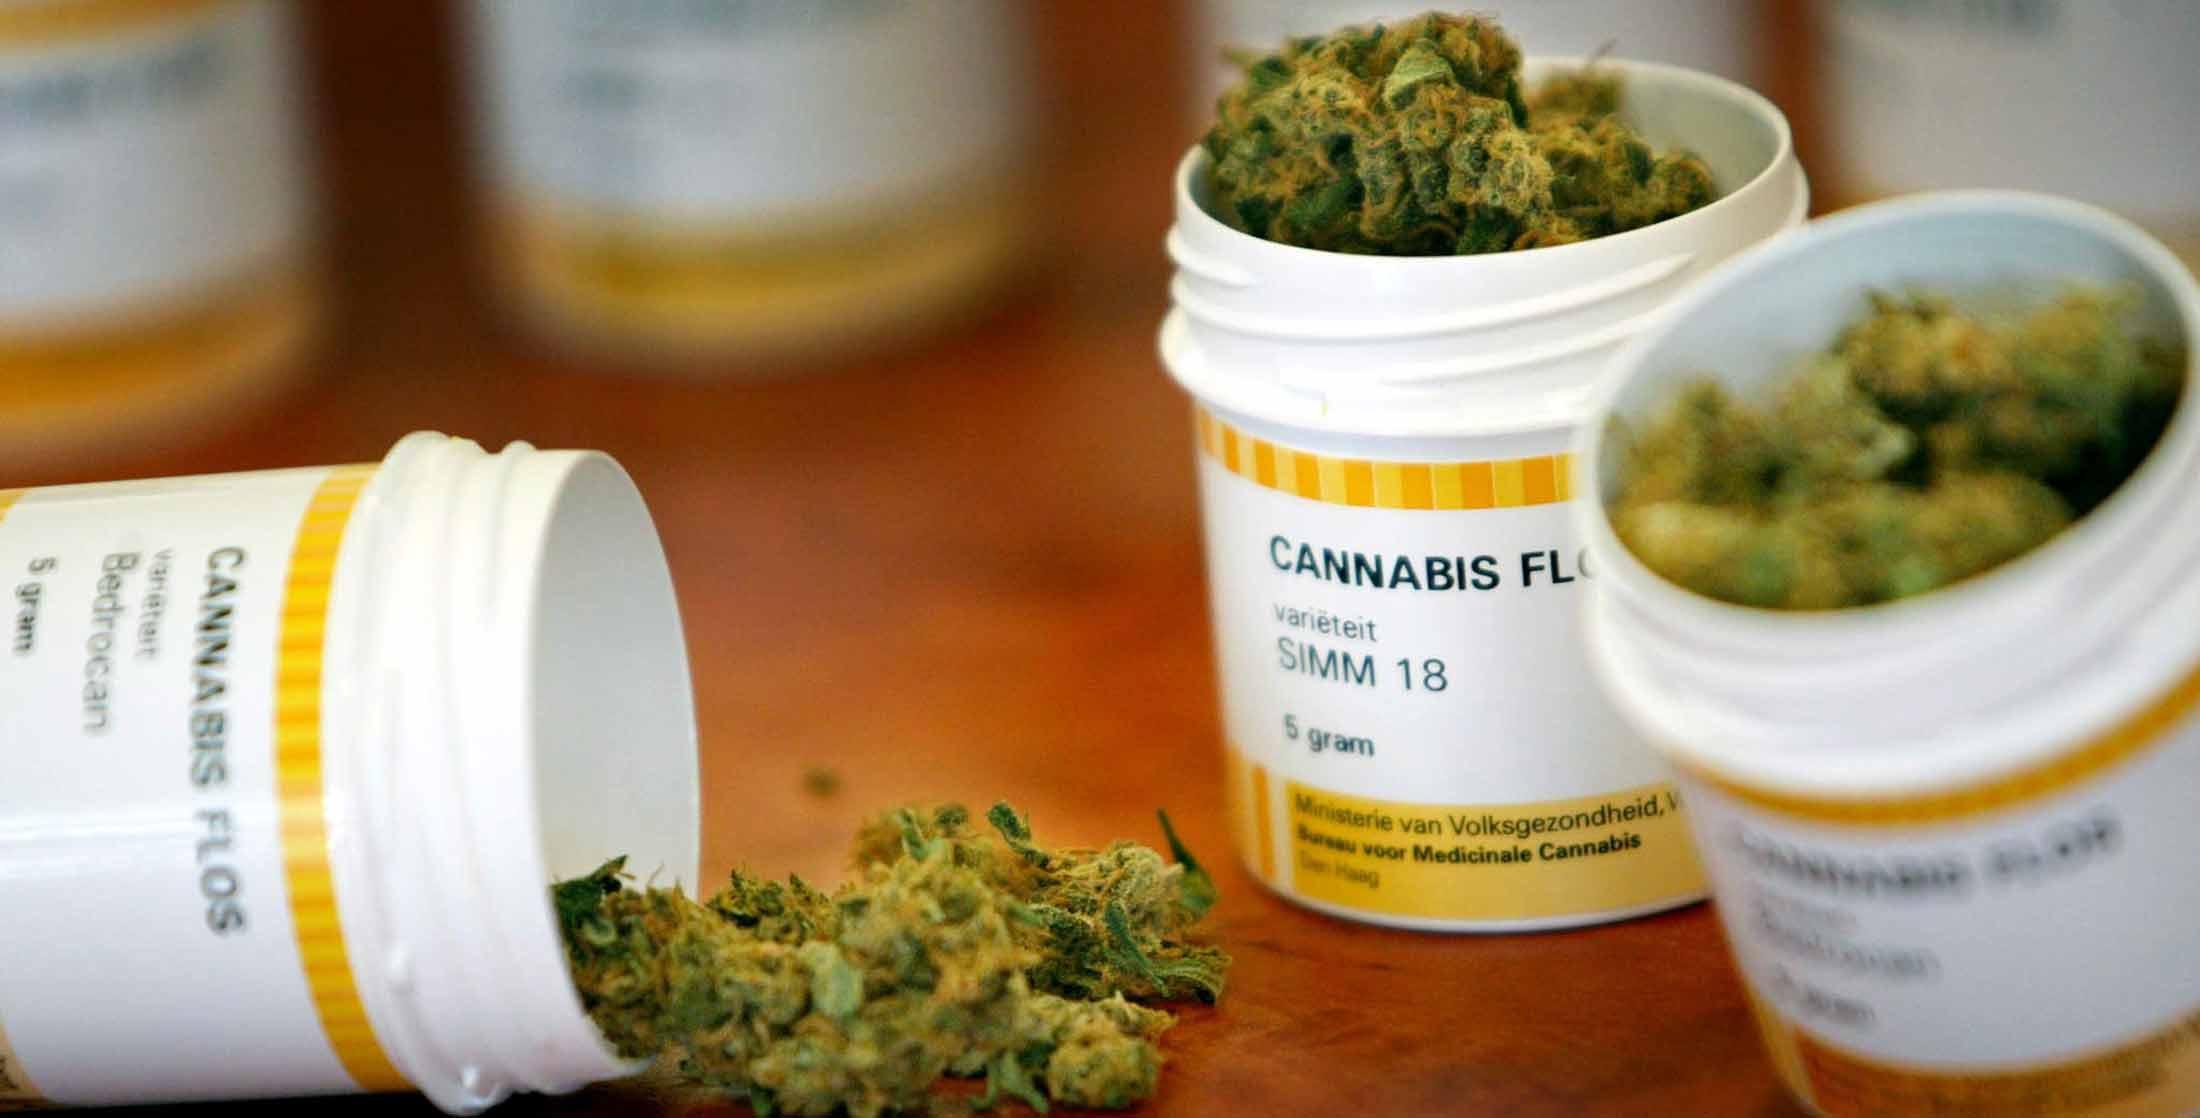 Cannabis thérapeutique : une jeune fille de 8 ans autorisée à l'utiliser